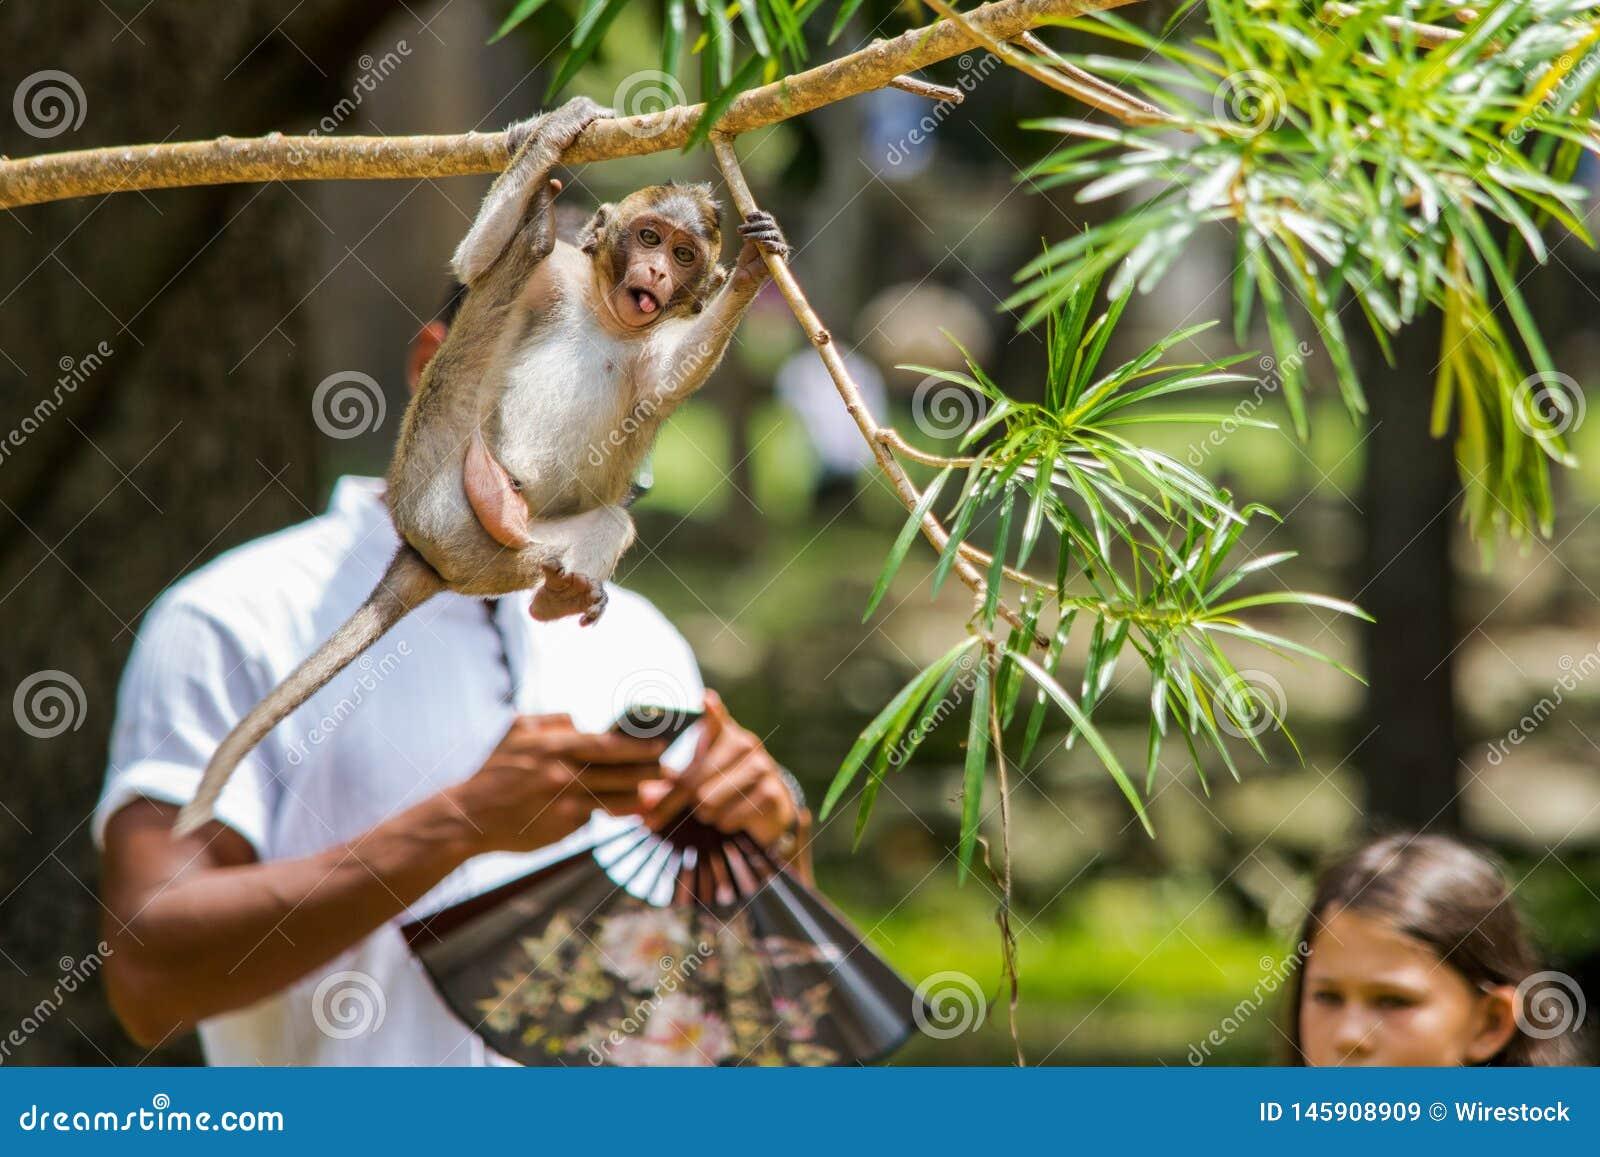 Foto-bombardeado por um macaco